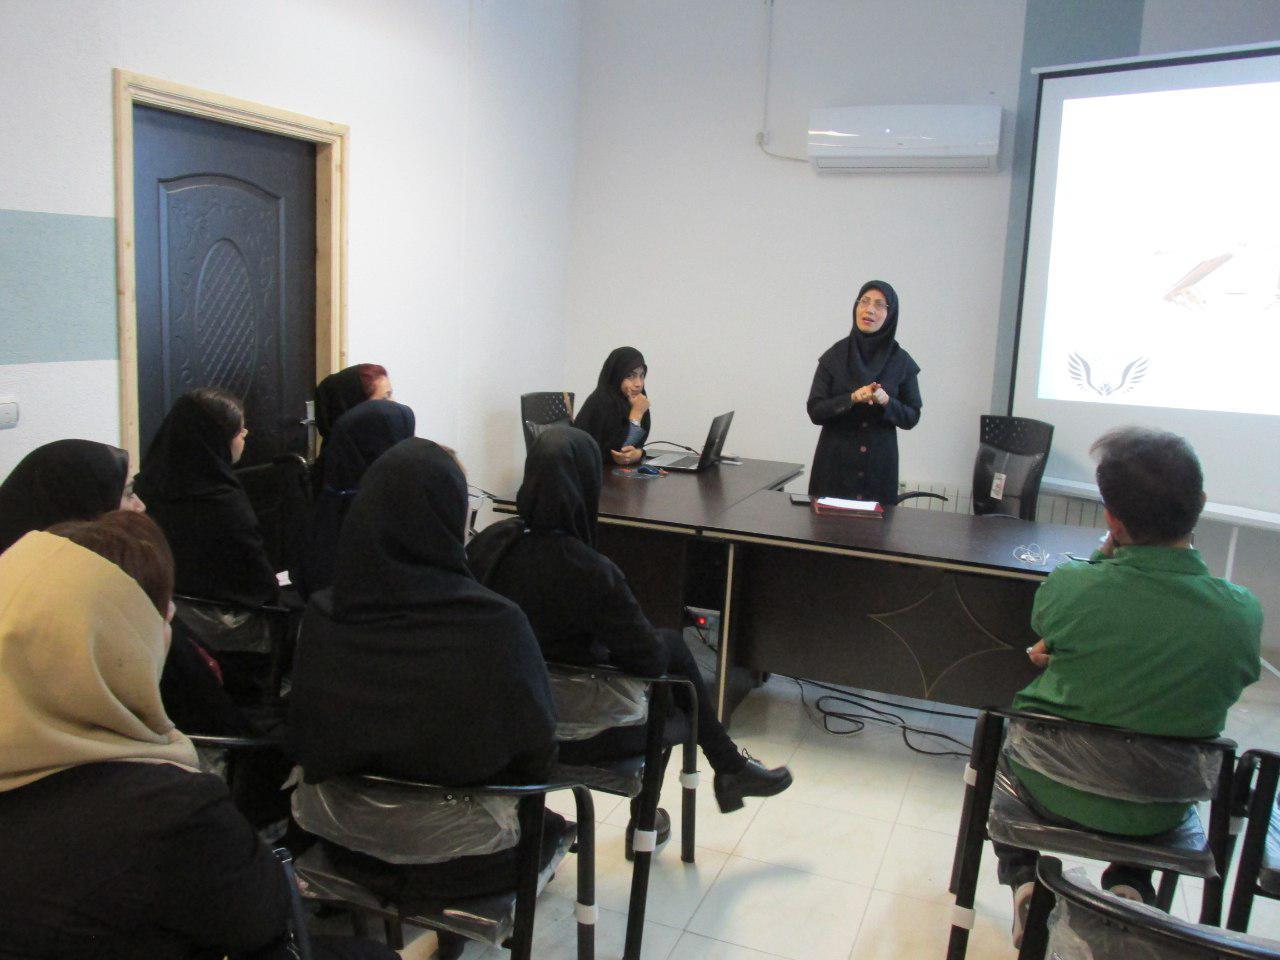 گزارش تصویری برگزاری نخستین کارگاه آموزشی حقوق شهروندی